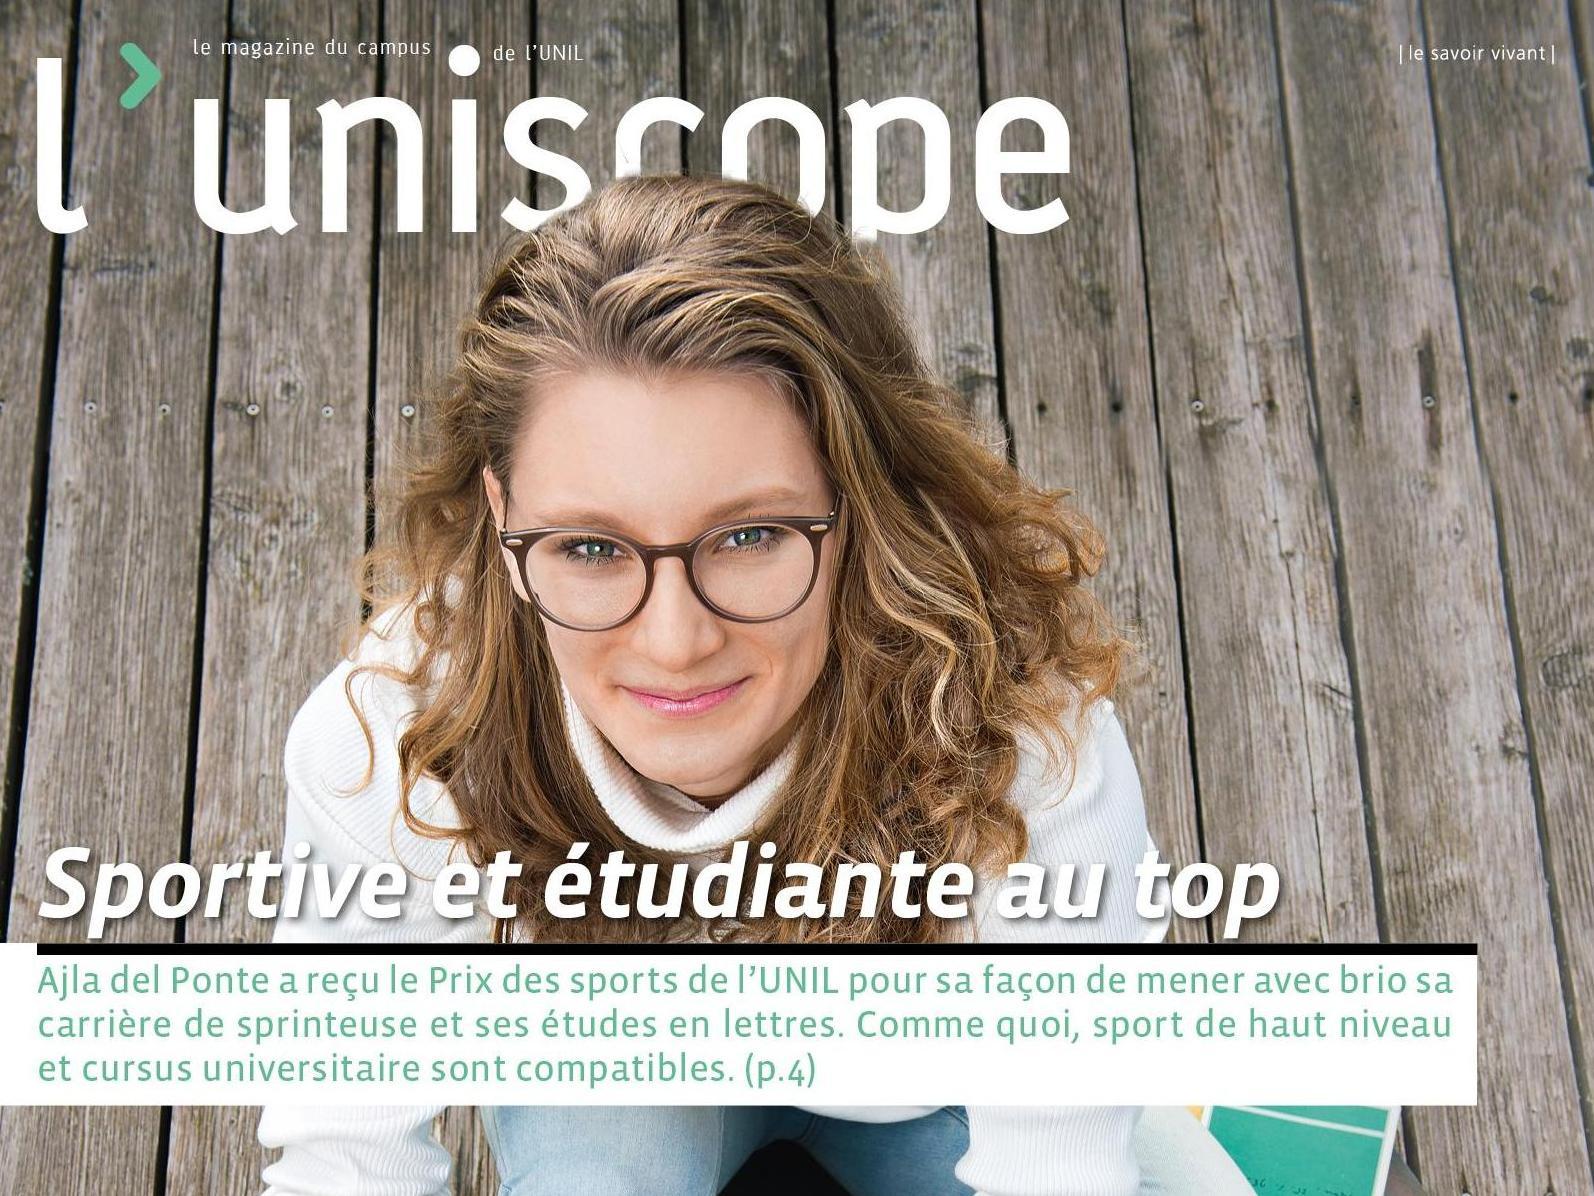 Le Prof. Antonakis et Jacques de Watteville dans le dernier numéro de L'uniscope!